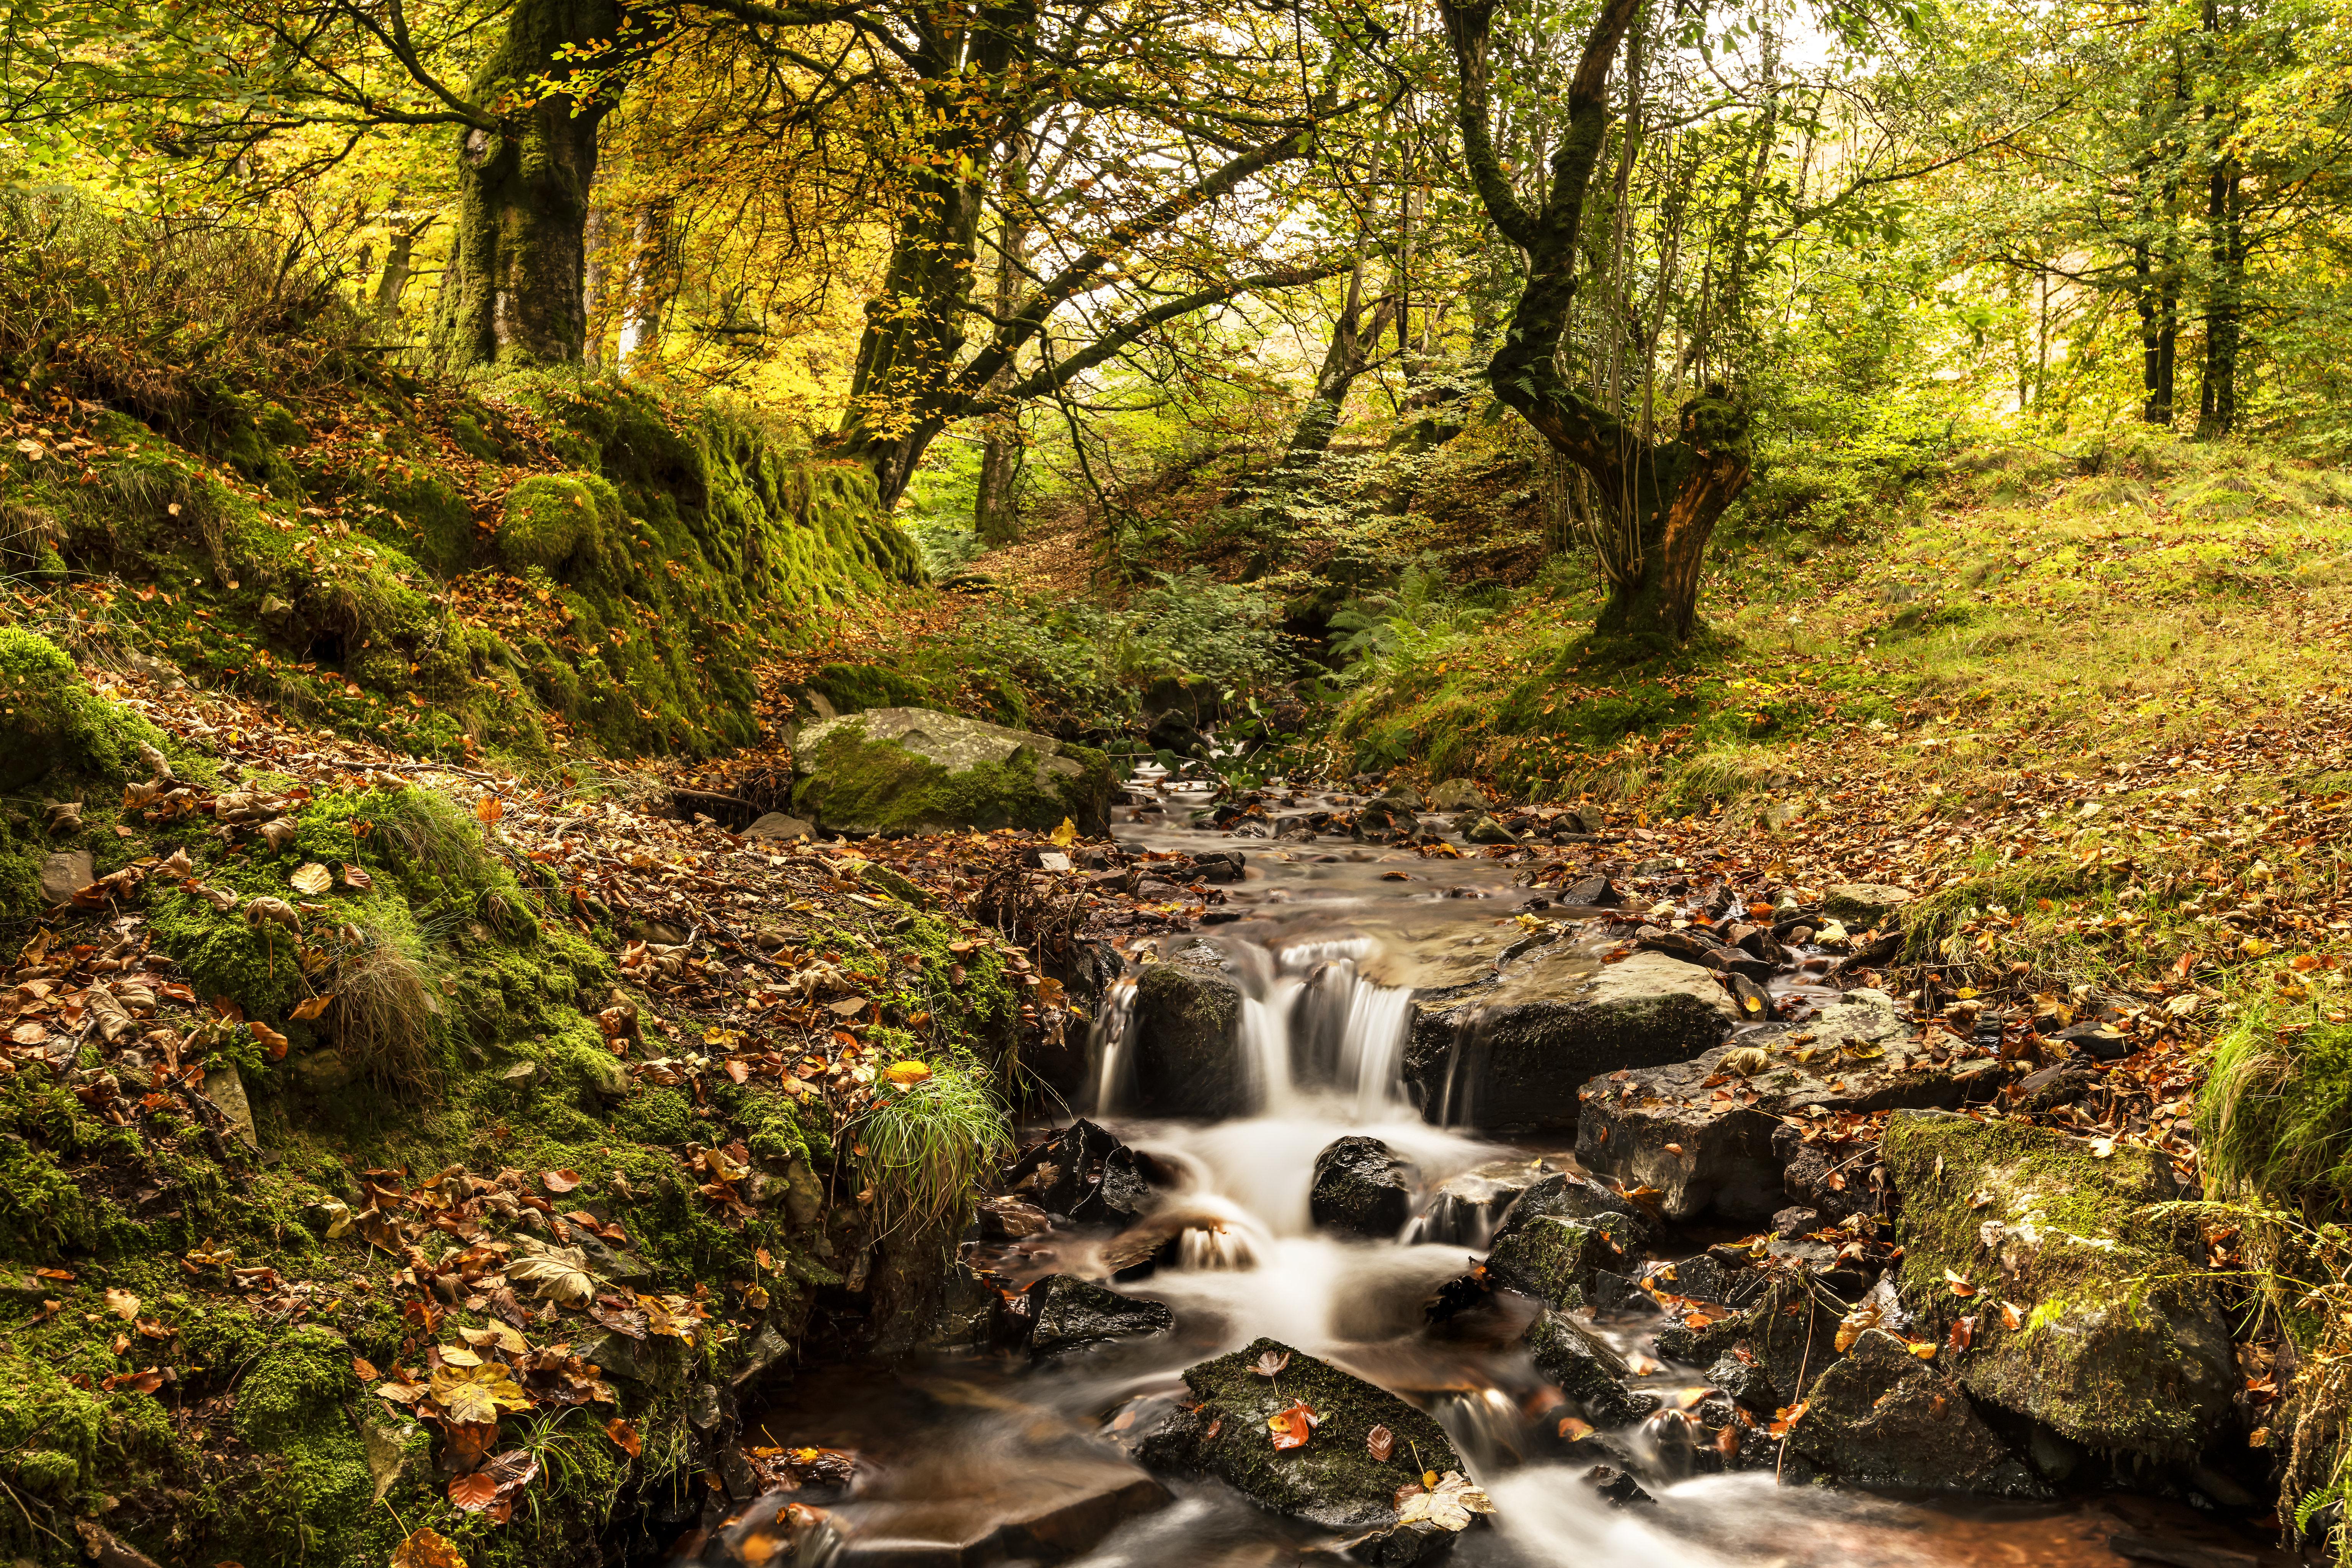 147694 скачать обои Ручей, Река, Деревья, Осень, Природа - заставки и картинки бесплатно